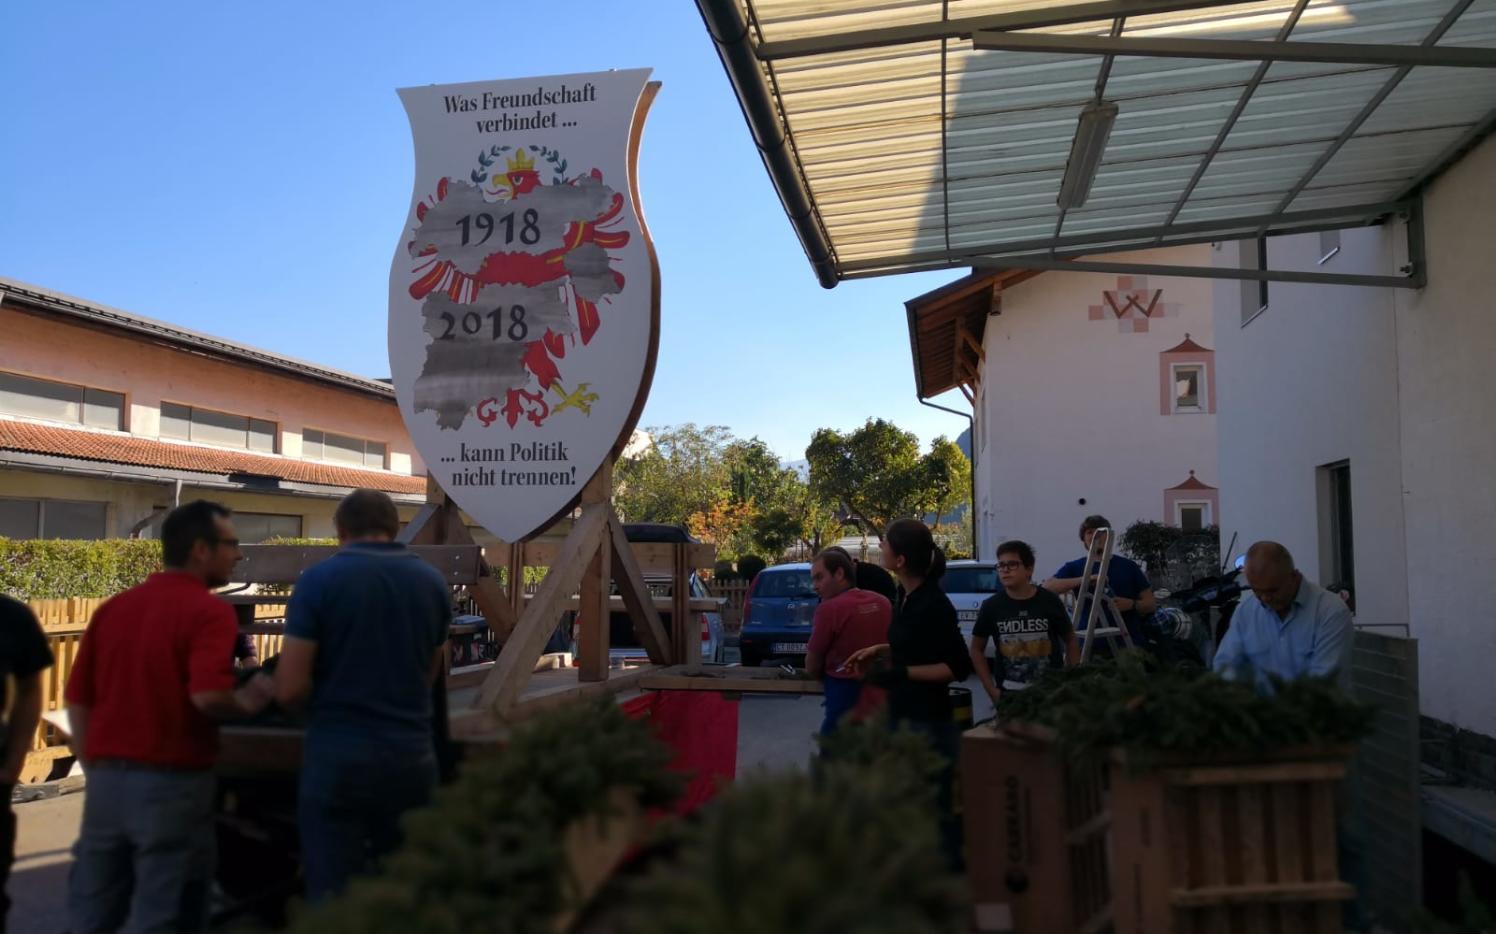 2018_Algund Bezirk_Aufbau Schmücken Traubenfest Festwagen (11)